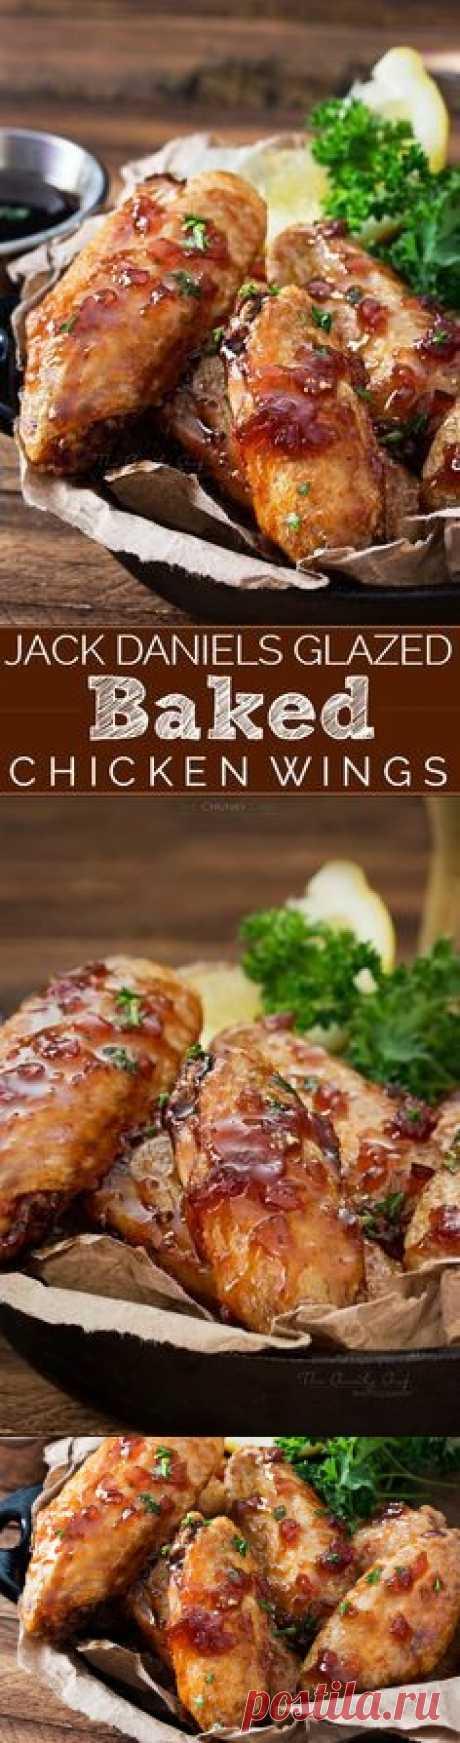 Jack Daniels Glazed Baked Chicken Wings